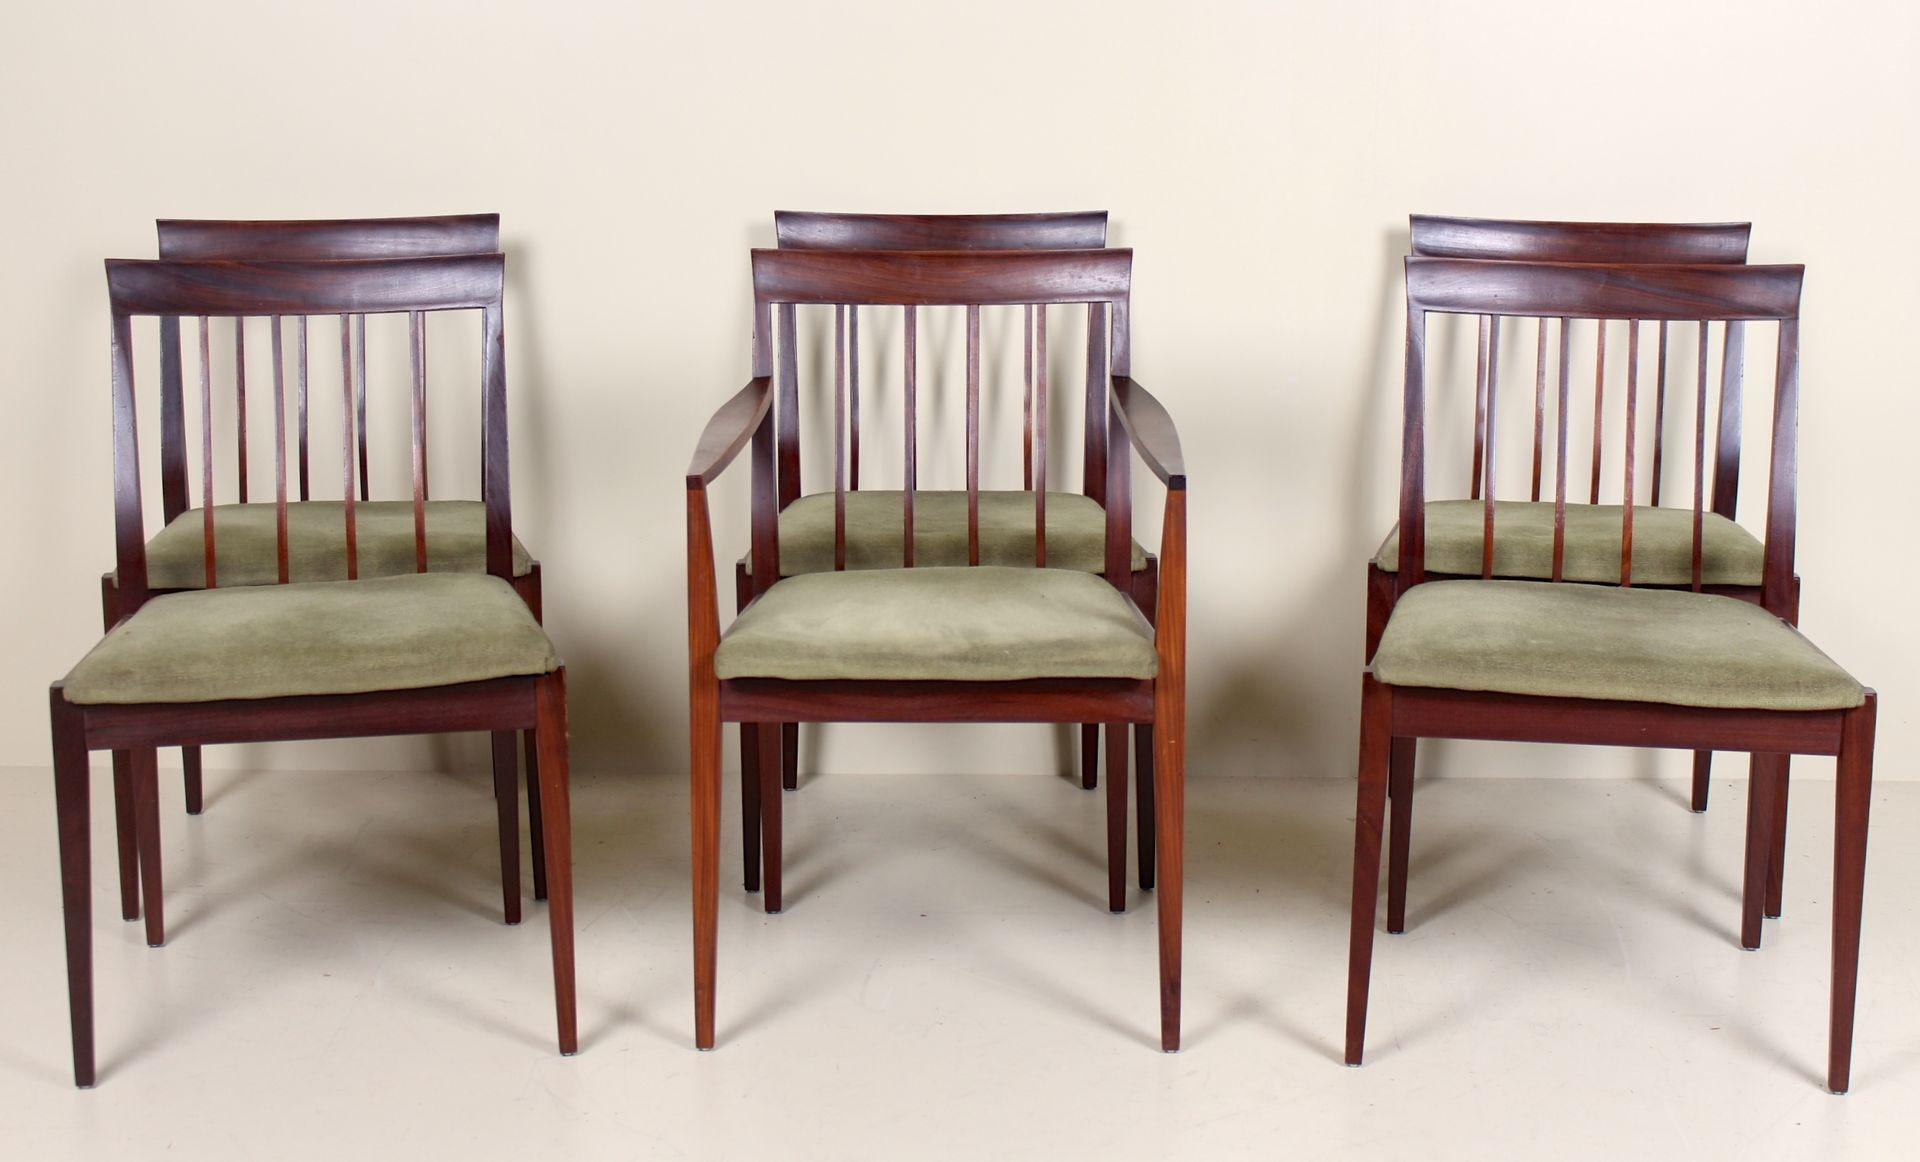 Vintage Esstisch & 6 Stühle 1970er bei Pamono kaufen